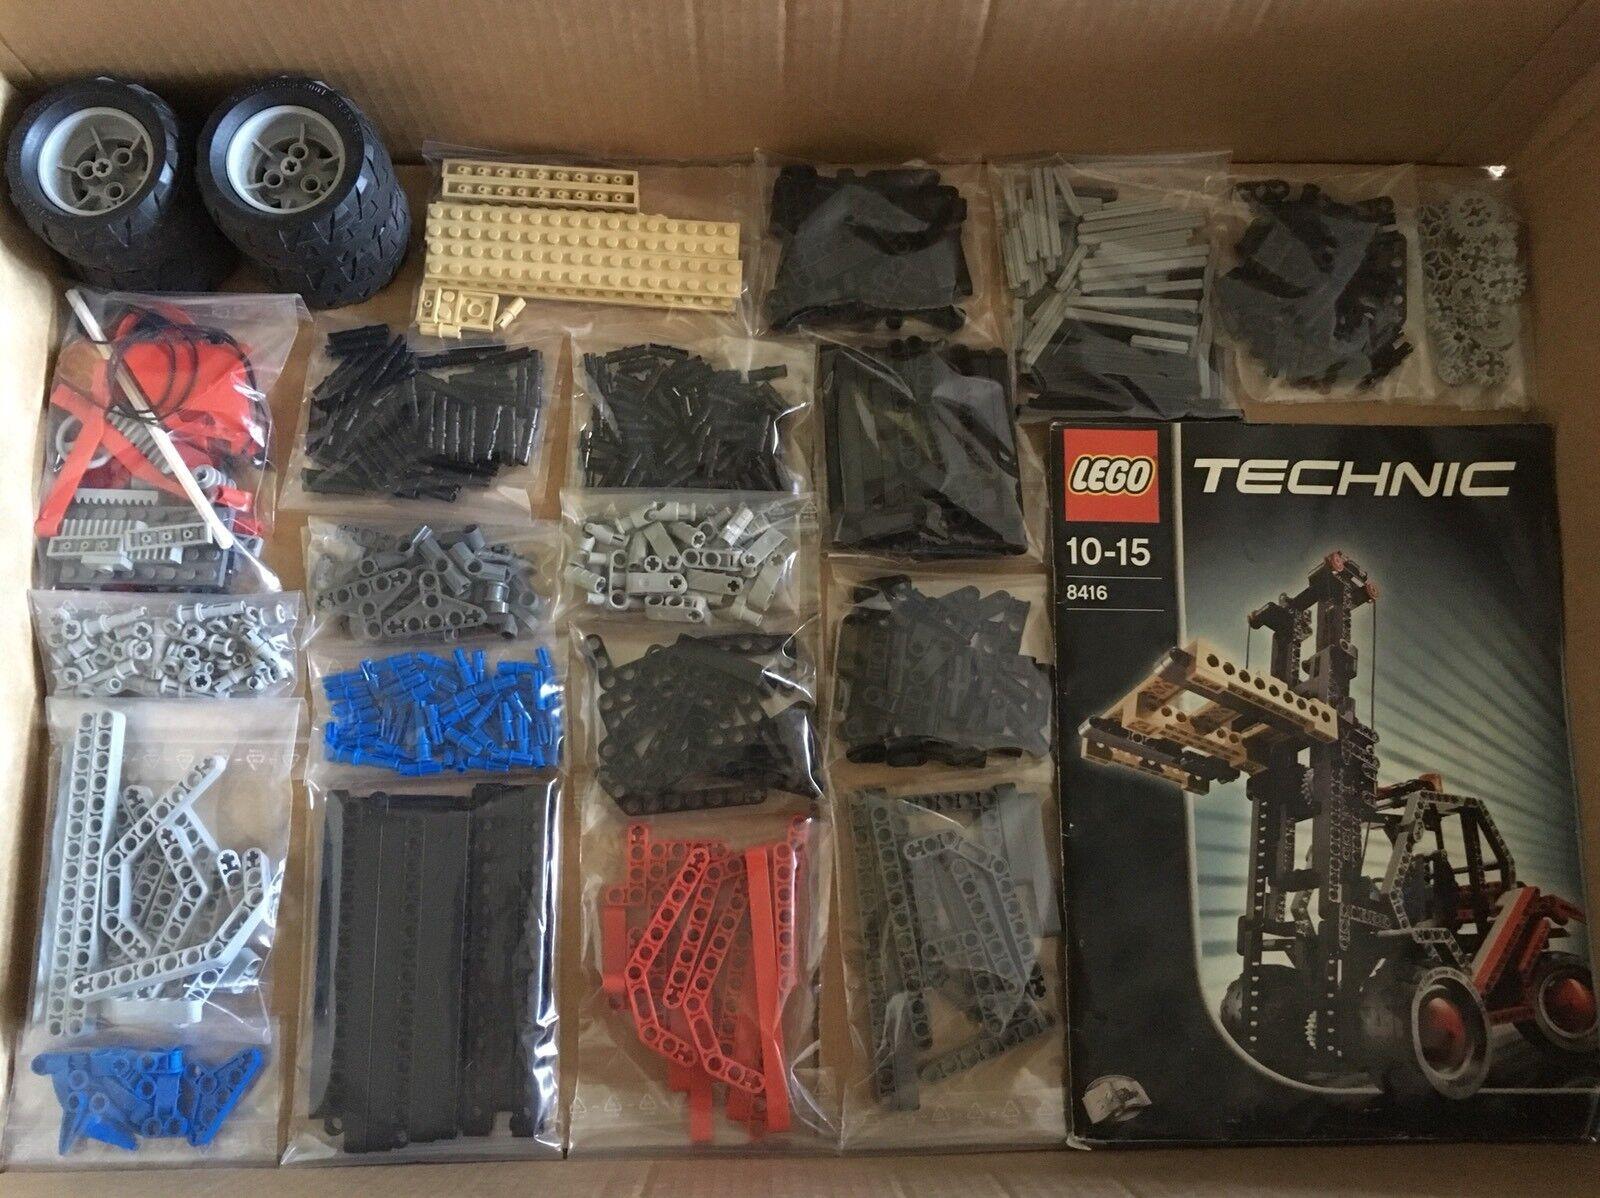 Lego Technic Technik 8416 Gabelstapler. 100% Komplett